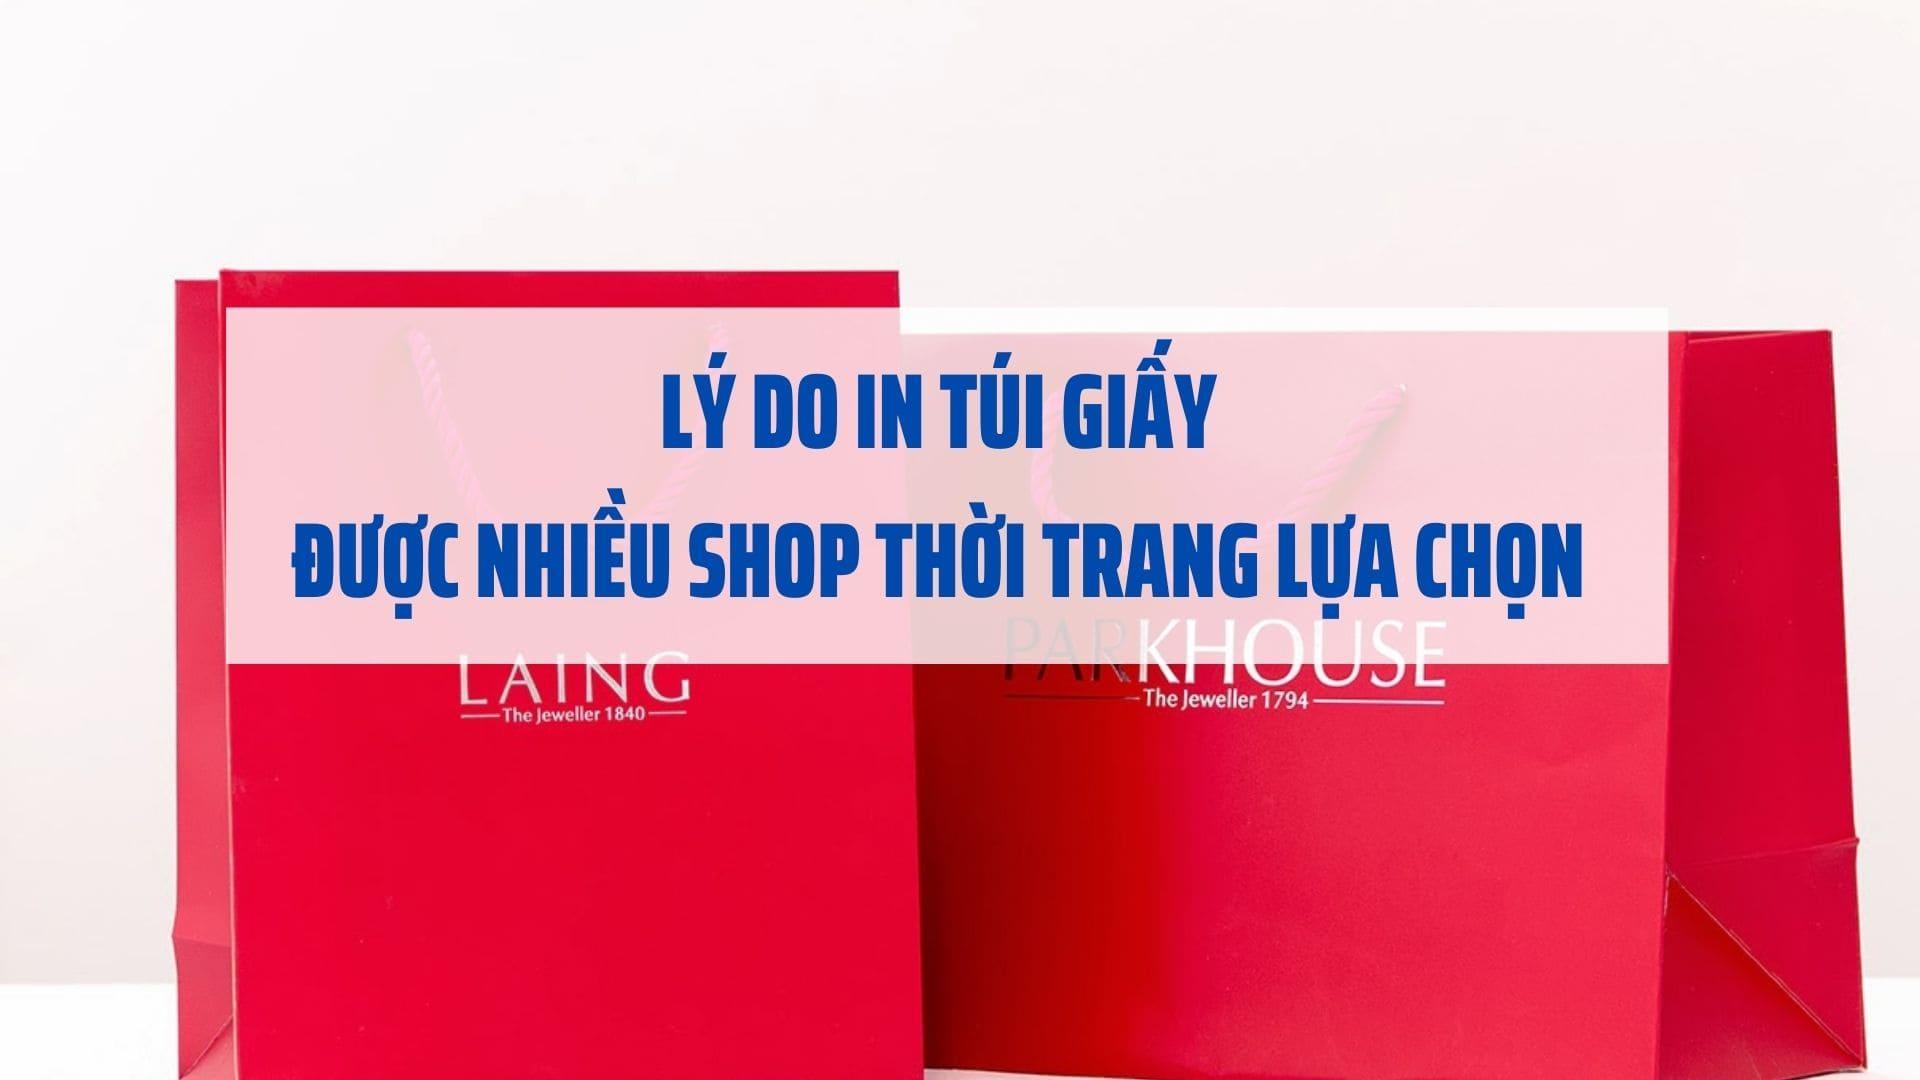 ly-do-in-tui-giay-duoc-nhieu-shop-thoi-trang-lua-chon